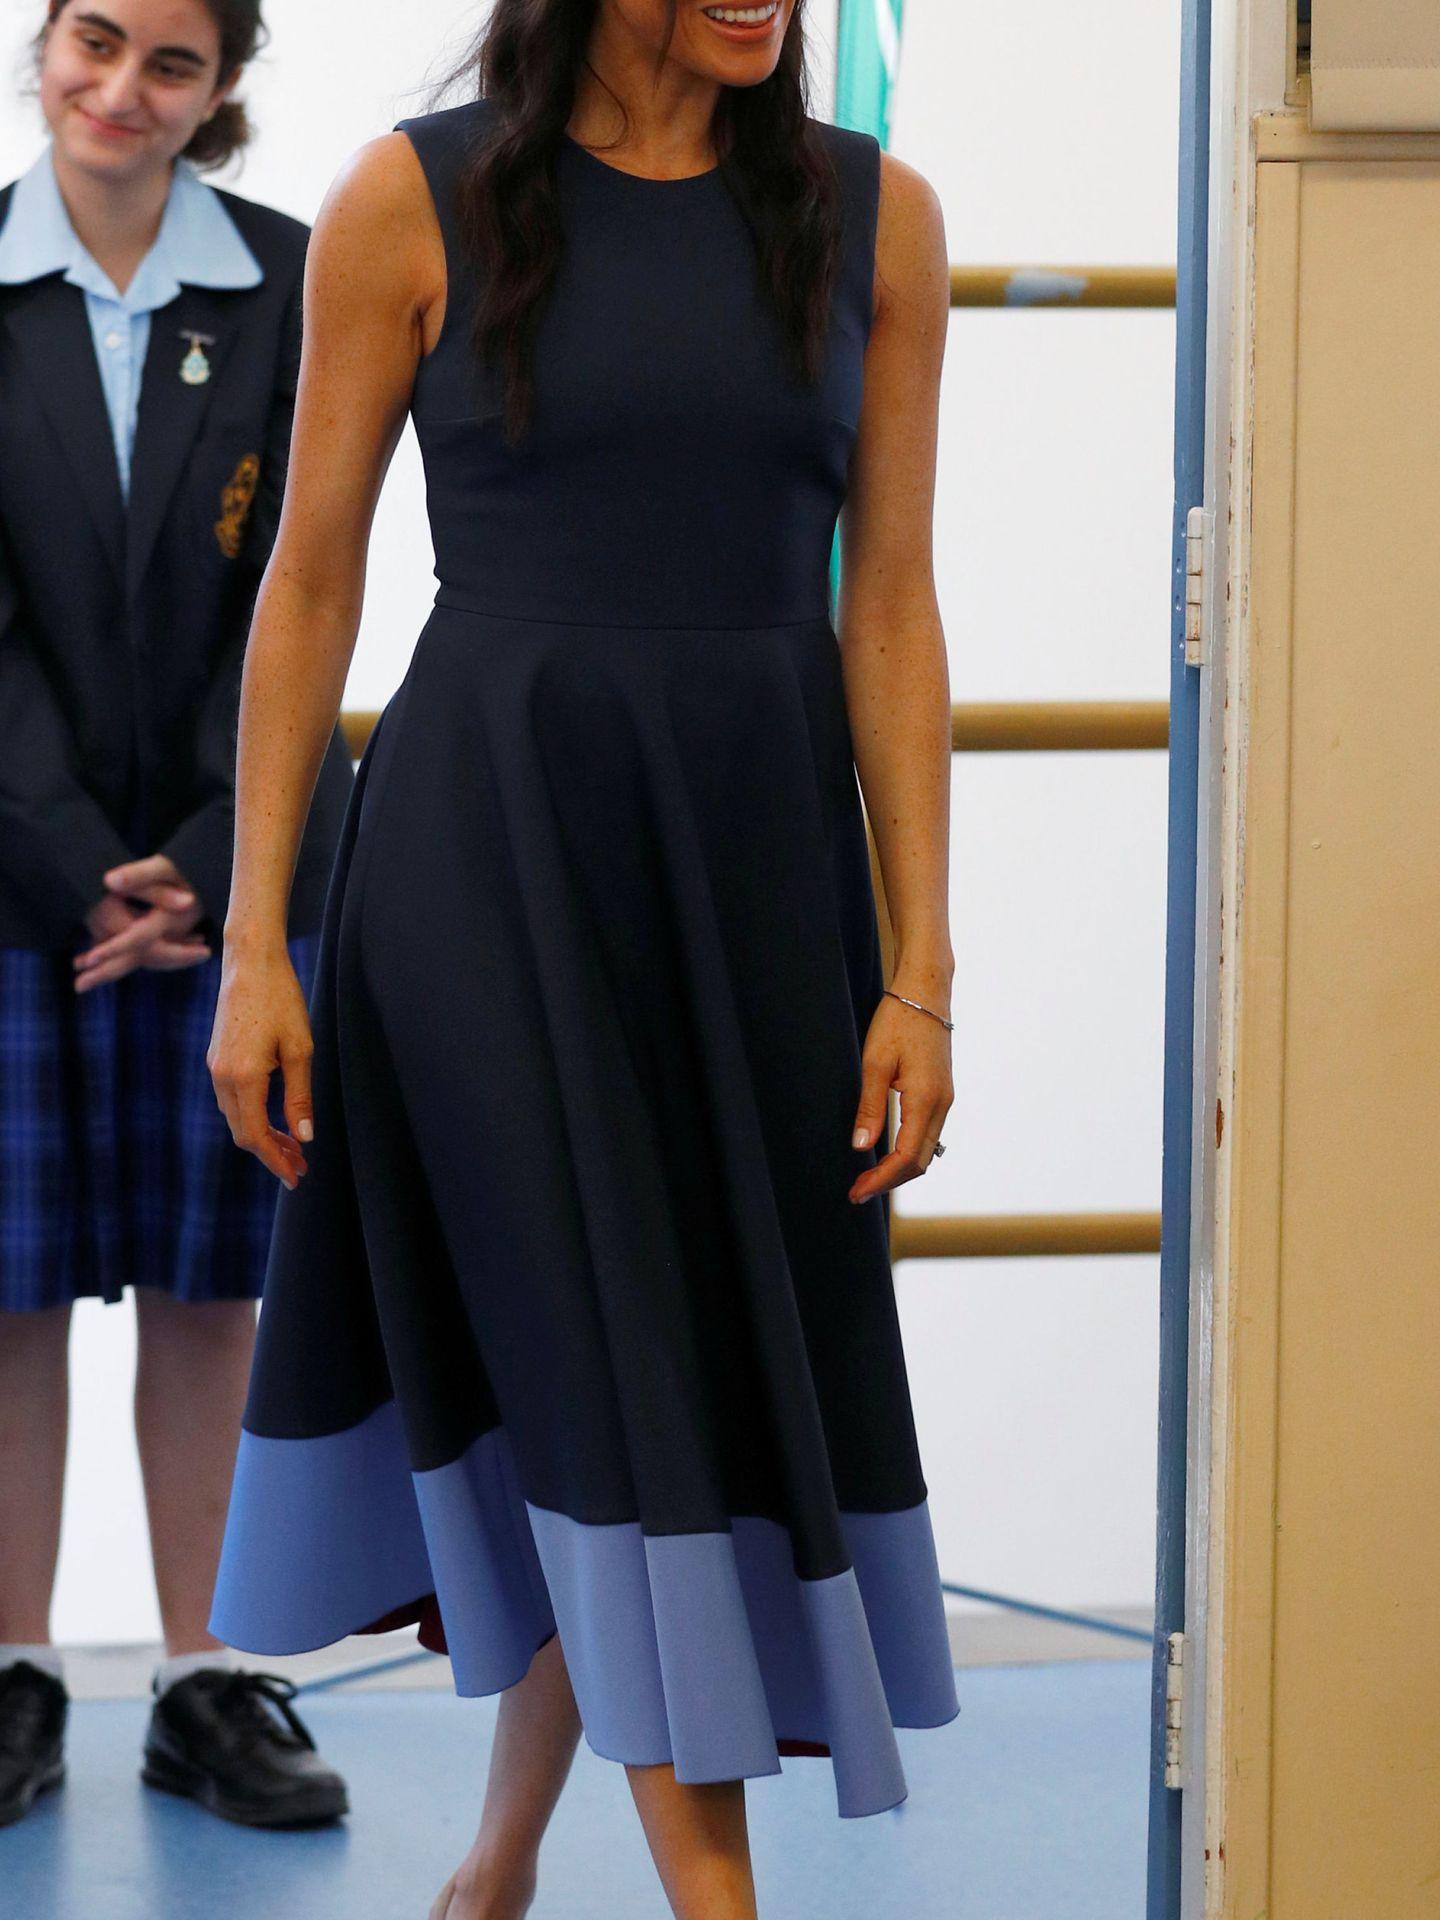 La duquesa de Sussex. (Reuters)